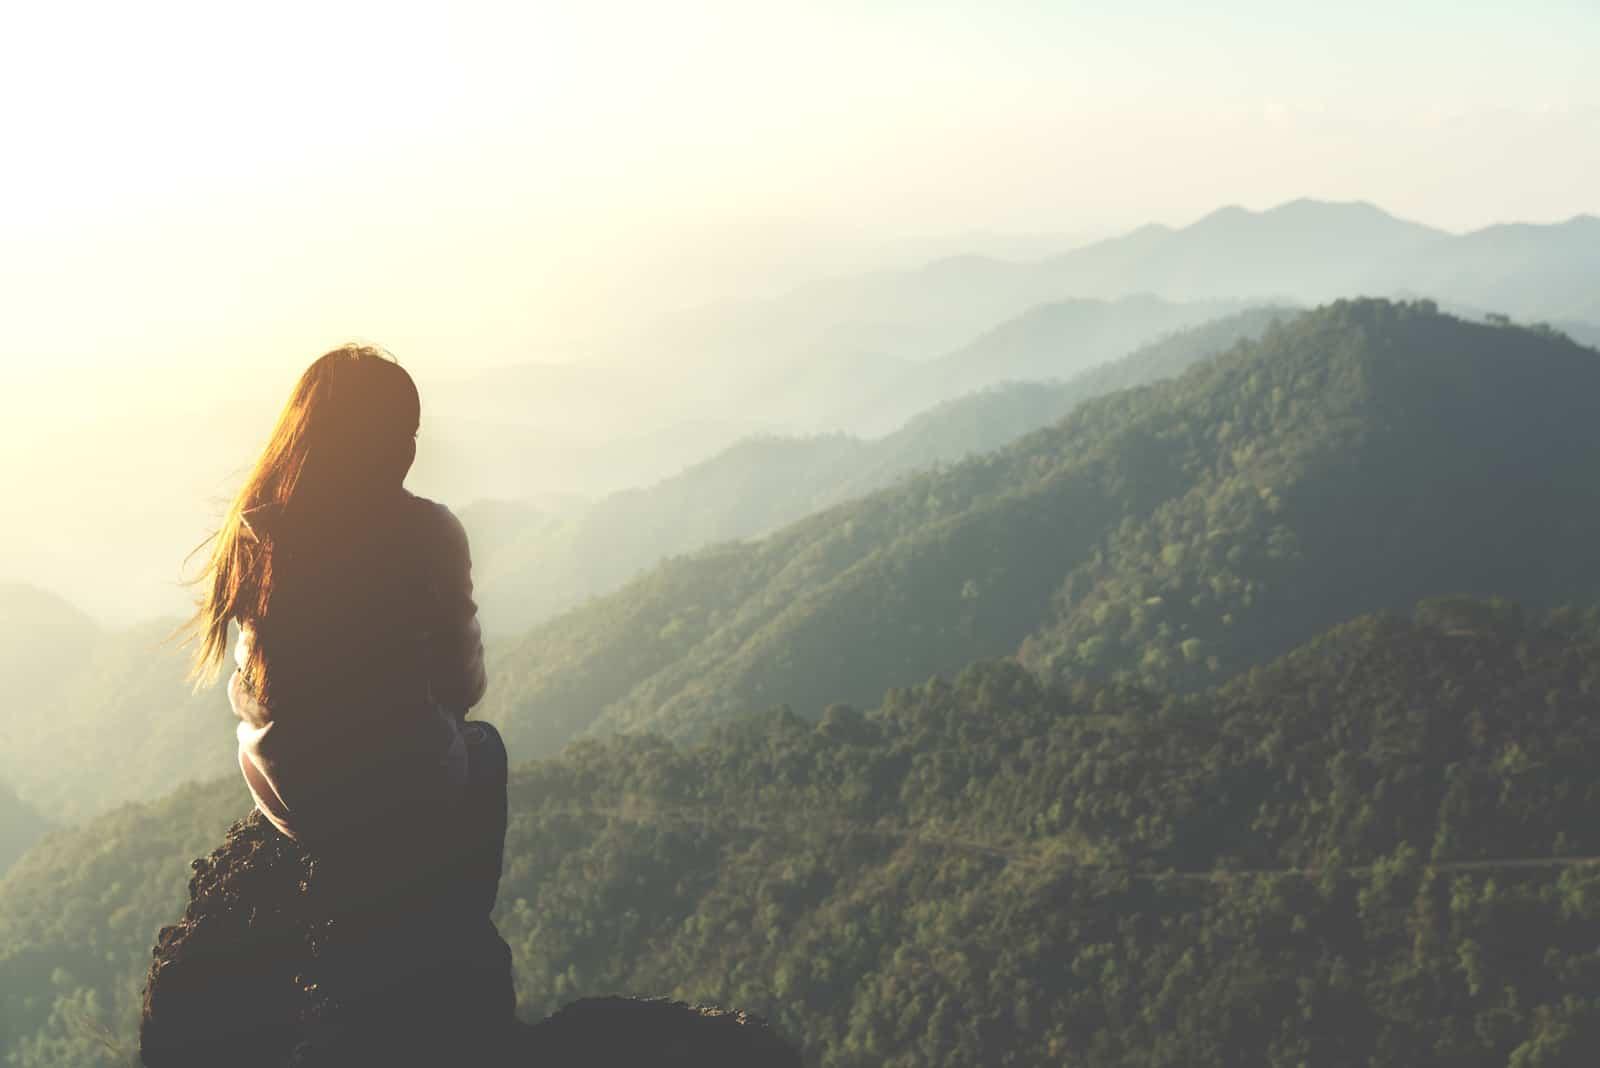 une femme imaginaire est assise sur une pierre, le dos tourné